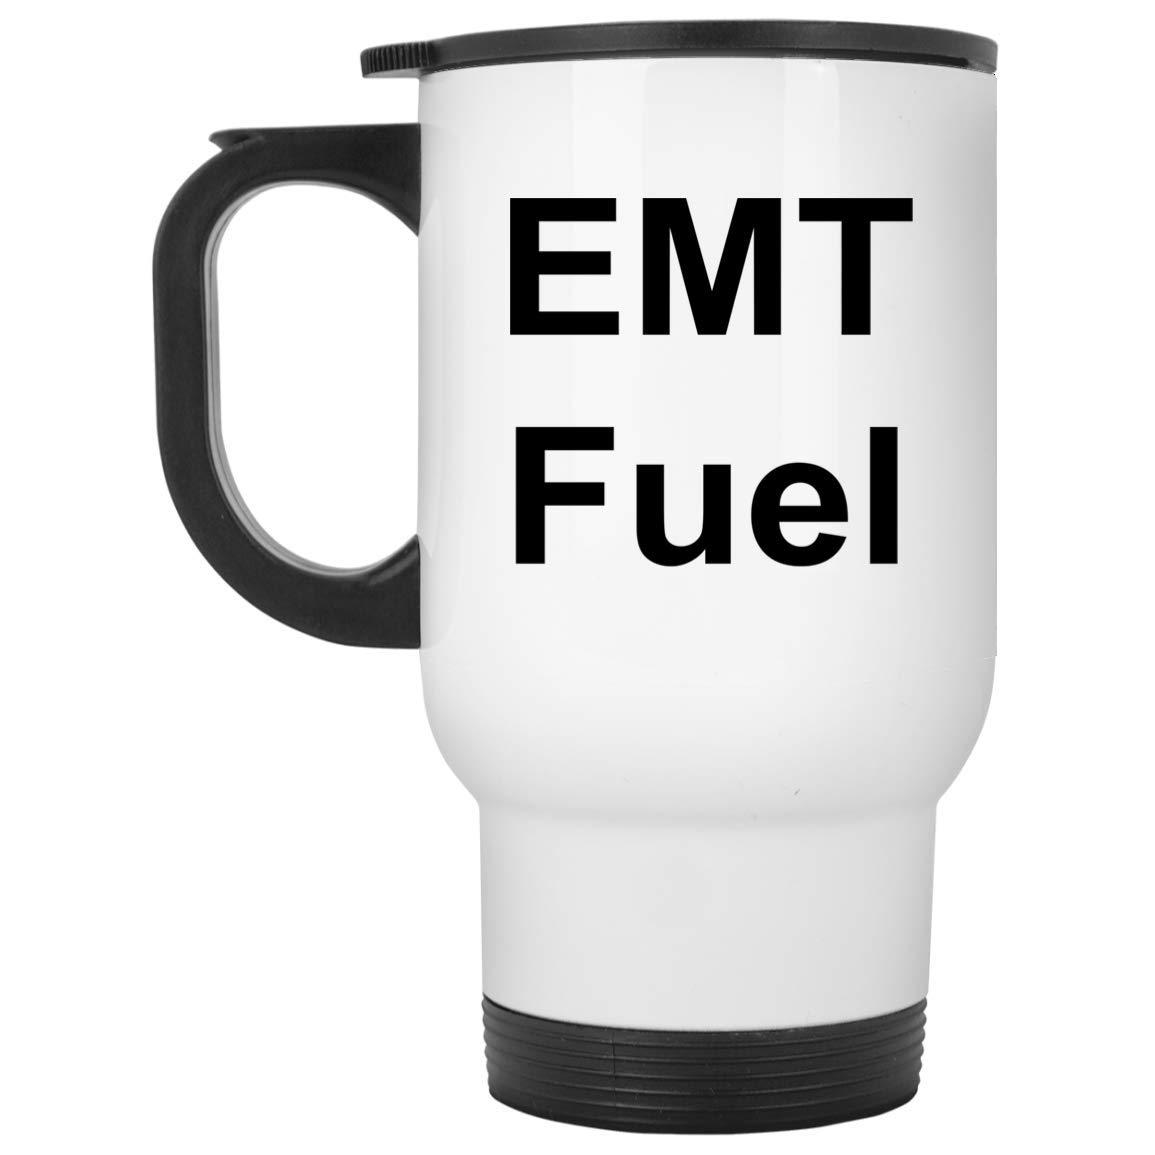 EMT トラベルマグ 14オンス ホワイトステンレススチール おもしろギフト   B07HY2676Y